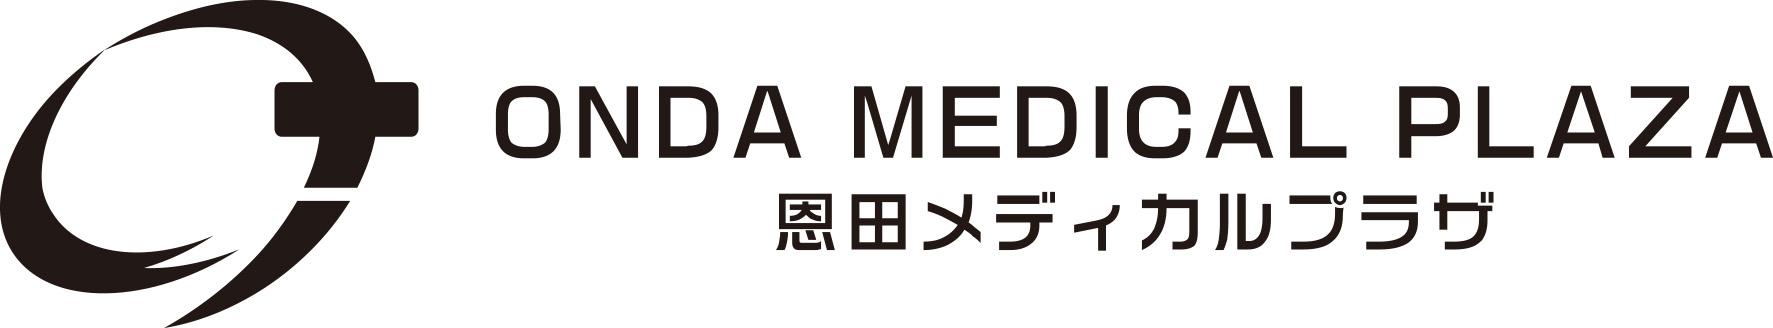 世田谷区の人気街ガイド情報なら|恩田メディカルプラザ